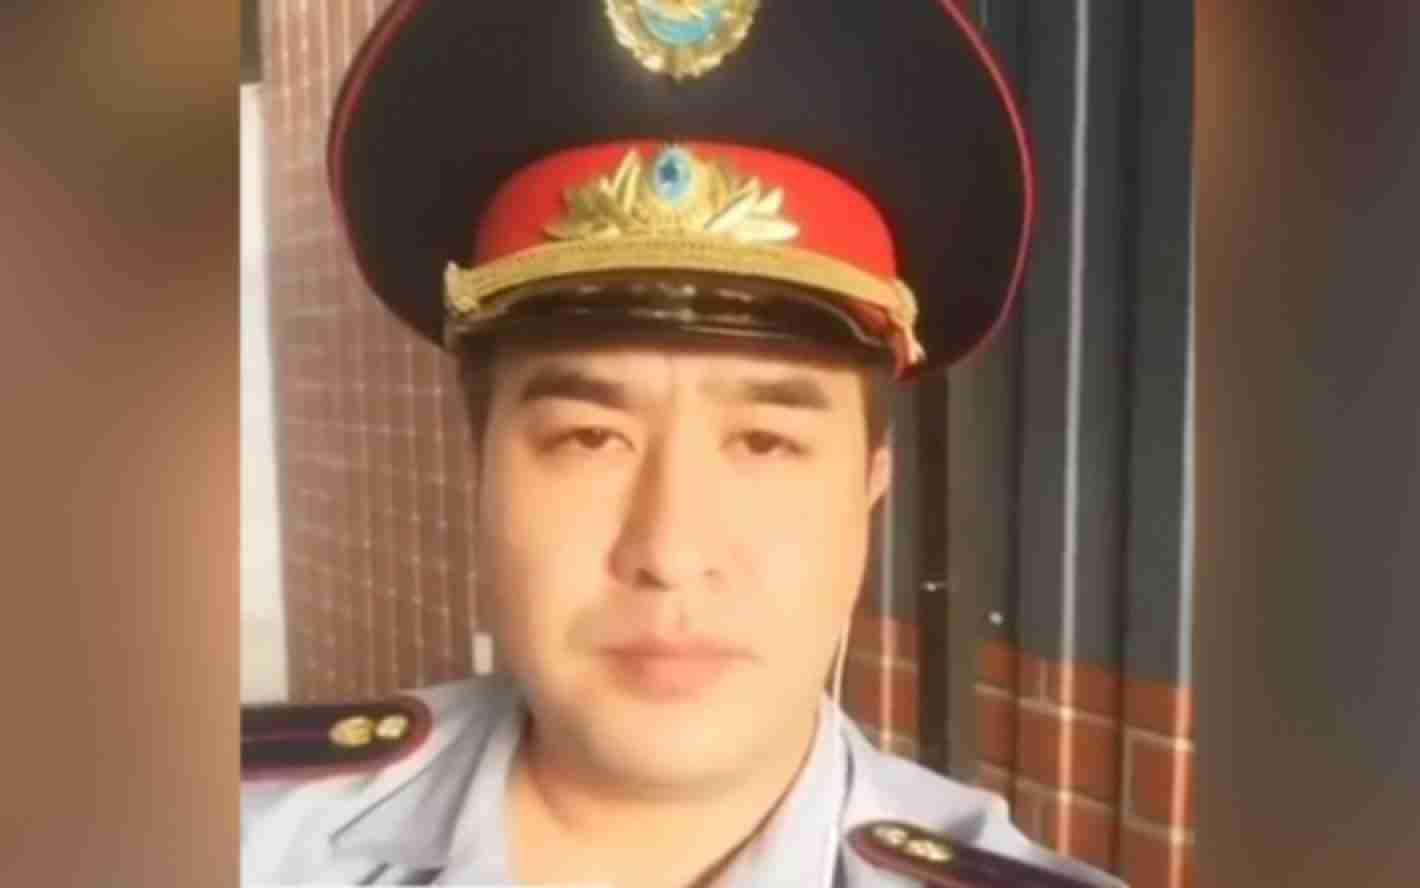 В Алмате неизвестный в полицейской форме записал скандальное видео